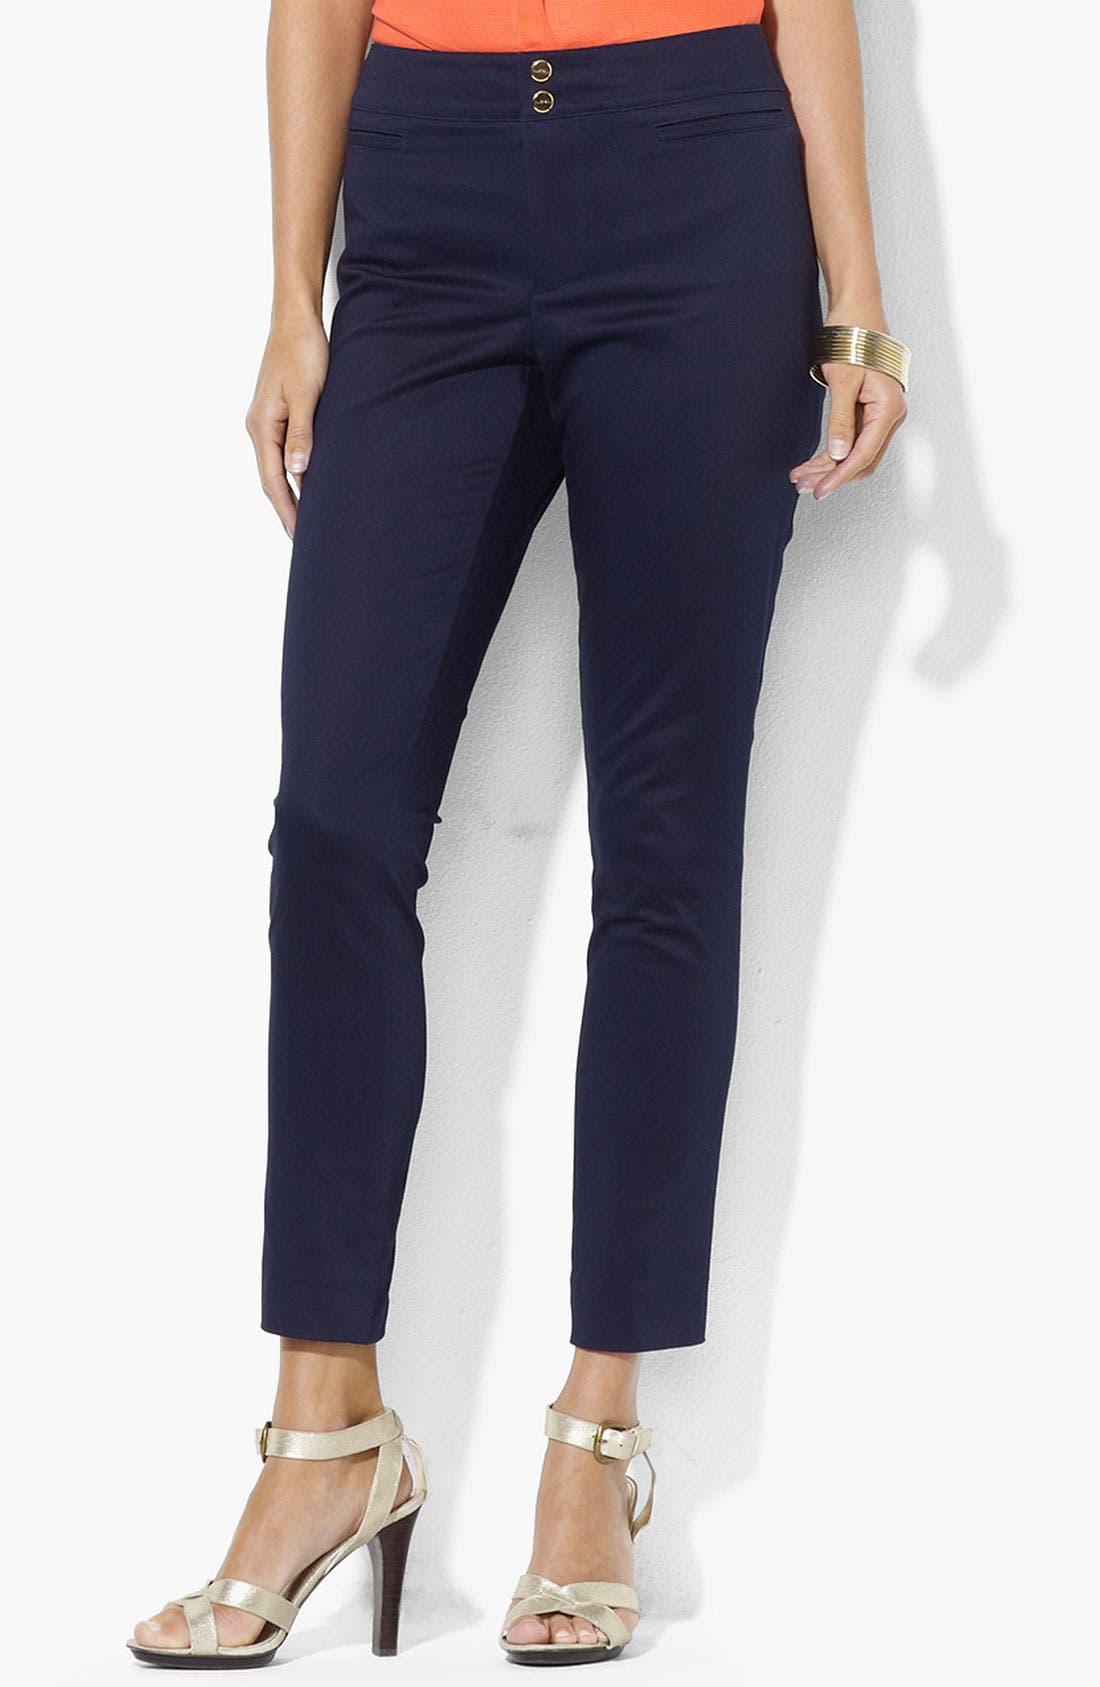 Alternate Image 1 Selected - Lauren Ralph Lauren Slim Stretch Cotton Pants (Petite) (Online Exclusive)